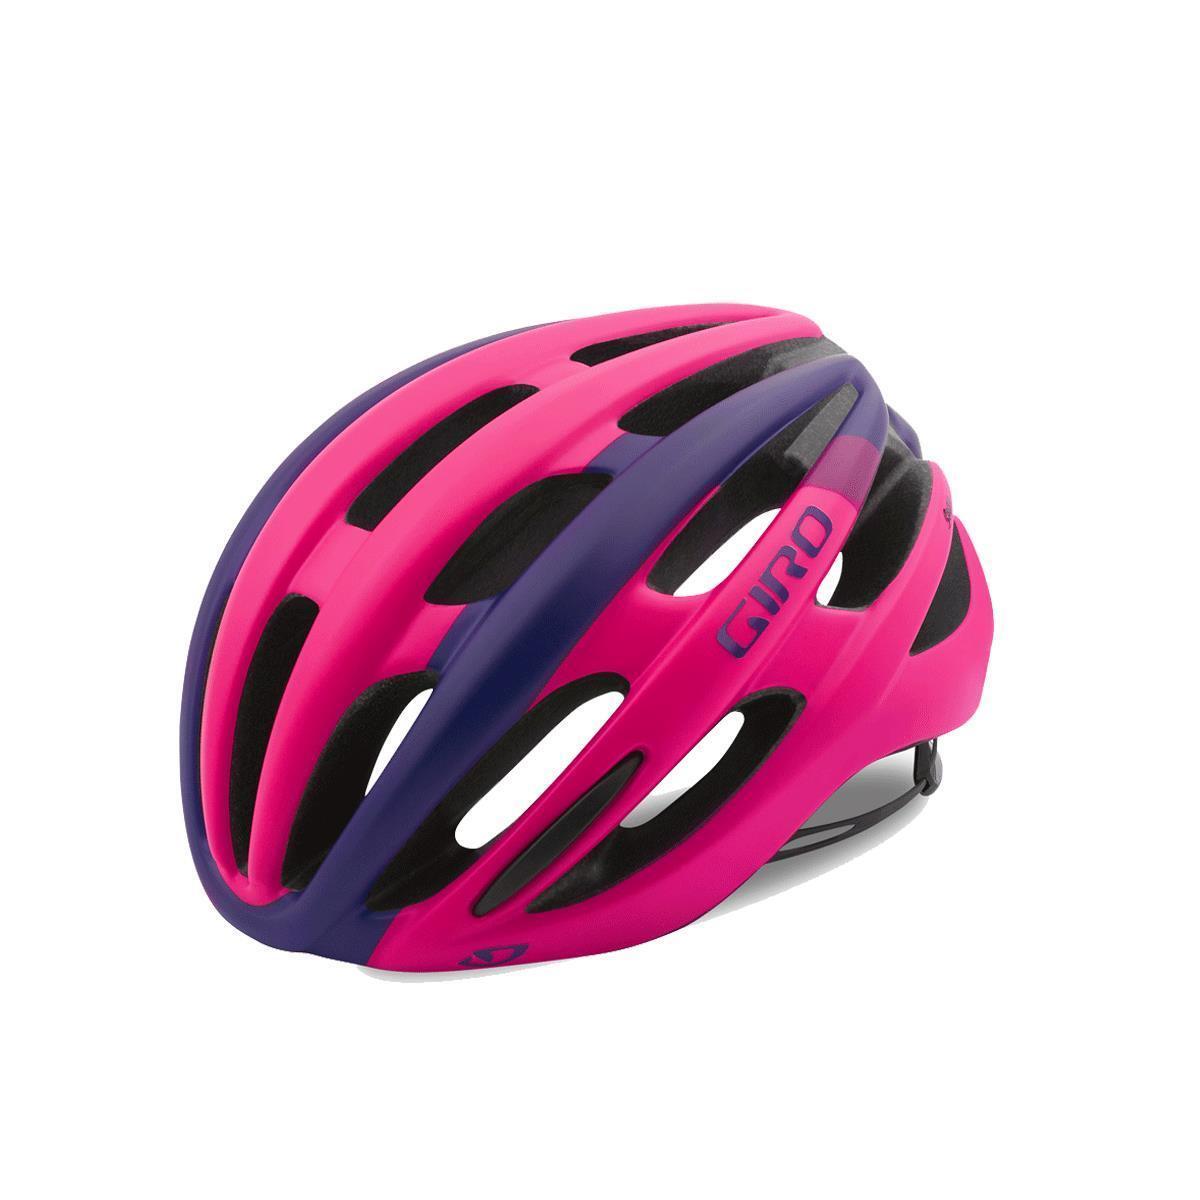 Giro Saga femmes cyclisme vélo Casque Casque Casque Noir mate / rose 2 tailles be11f4